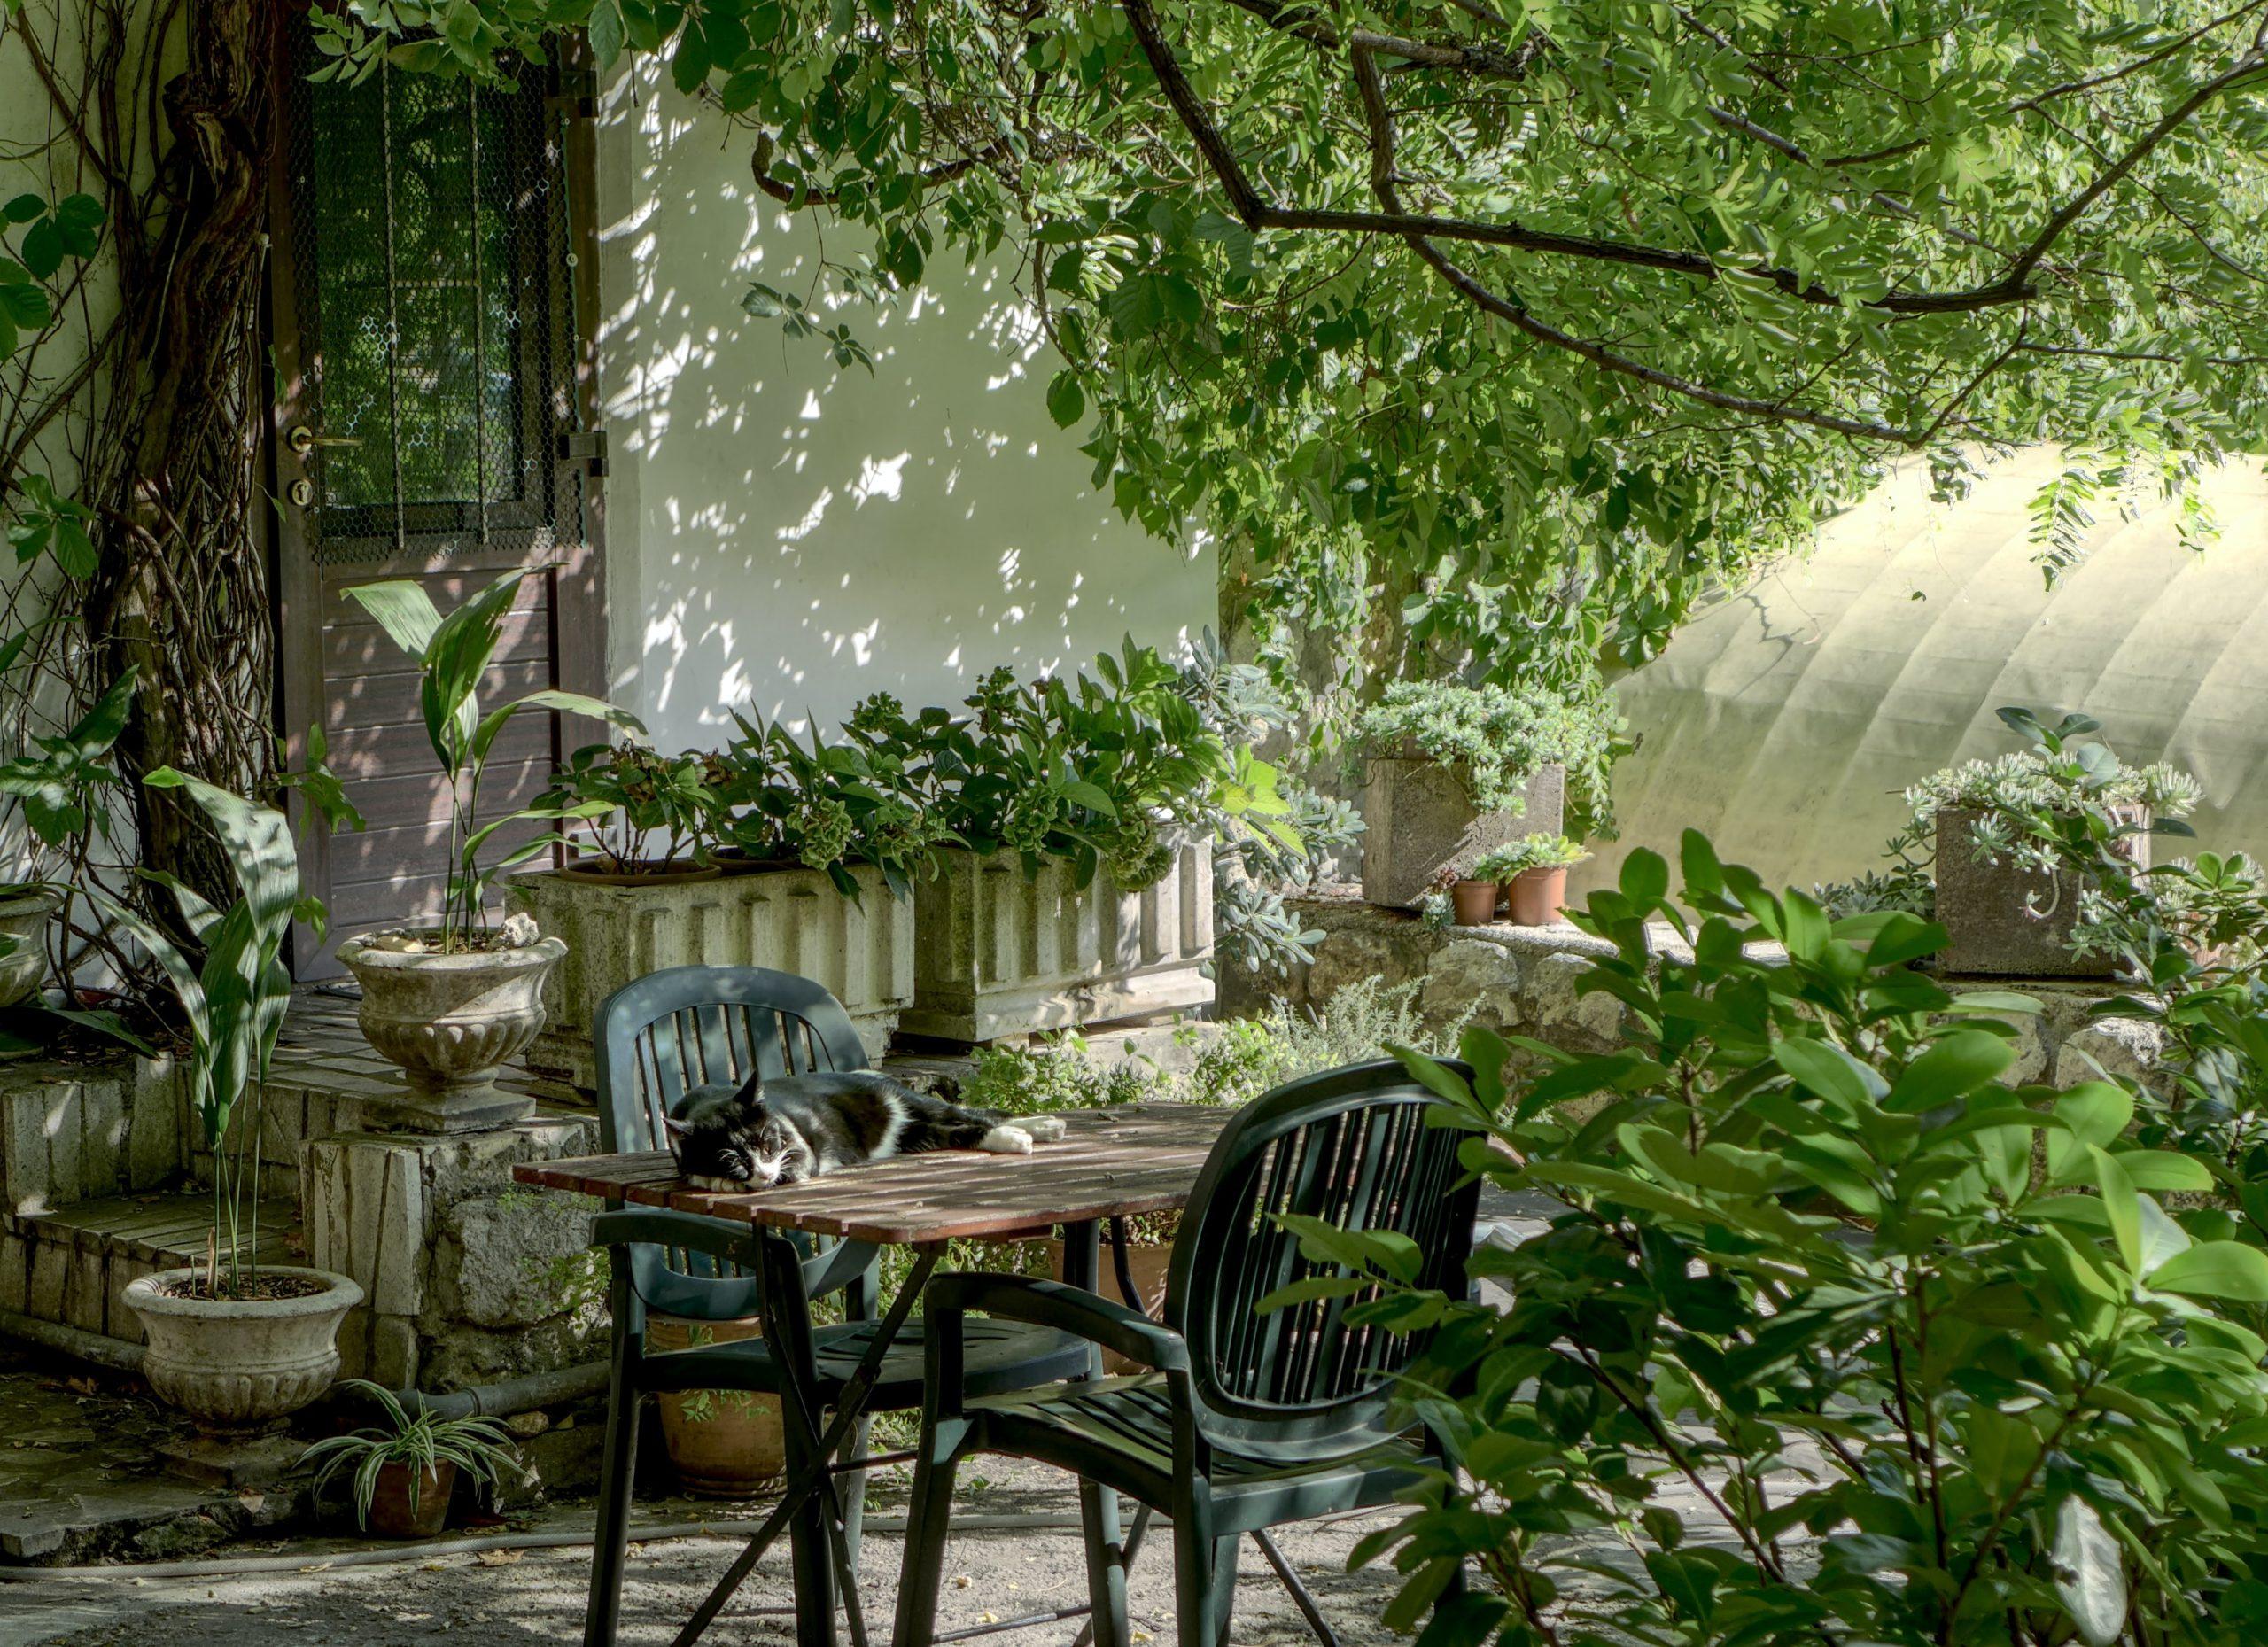 Sillas y mesa en jardin con gato durmiendo en la mesa